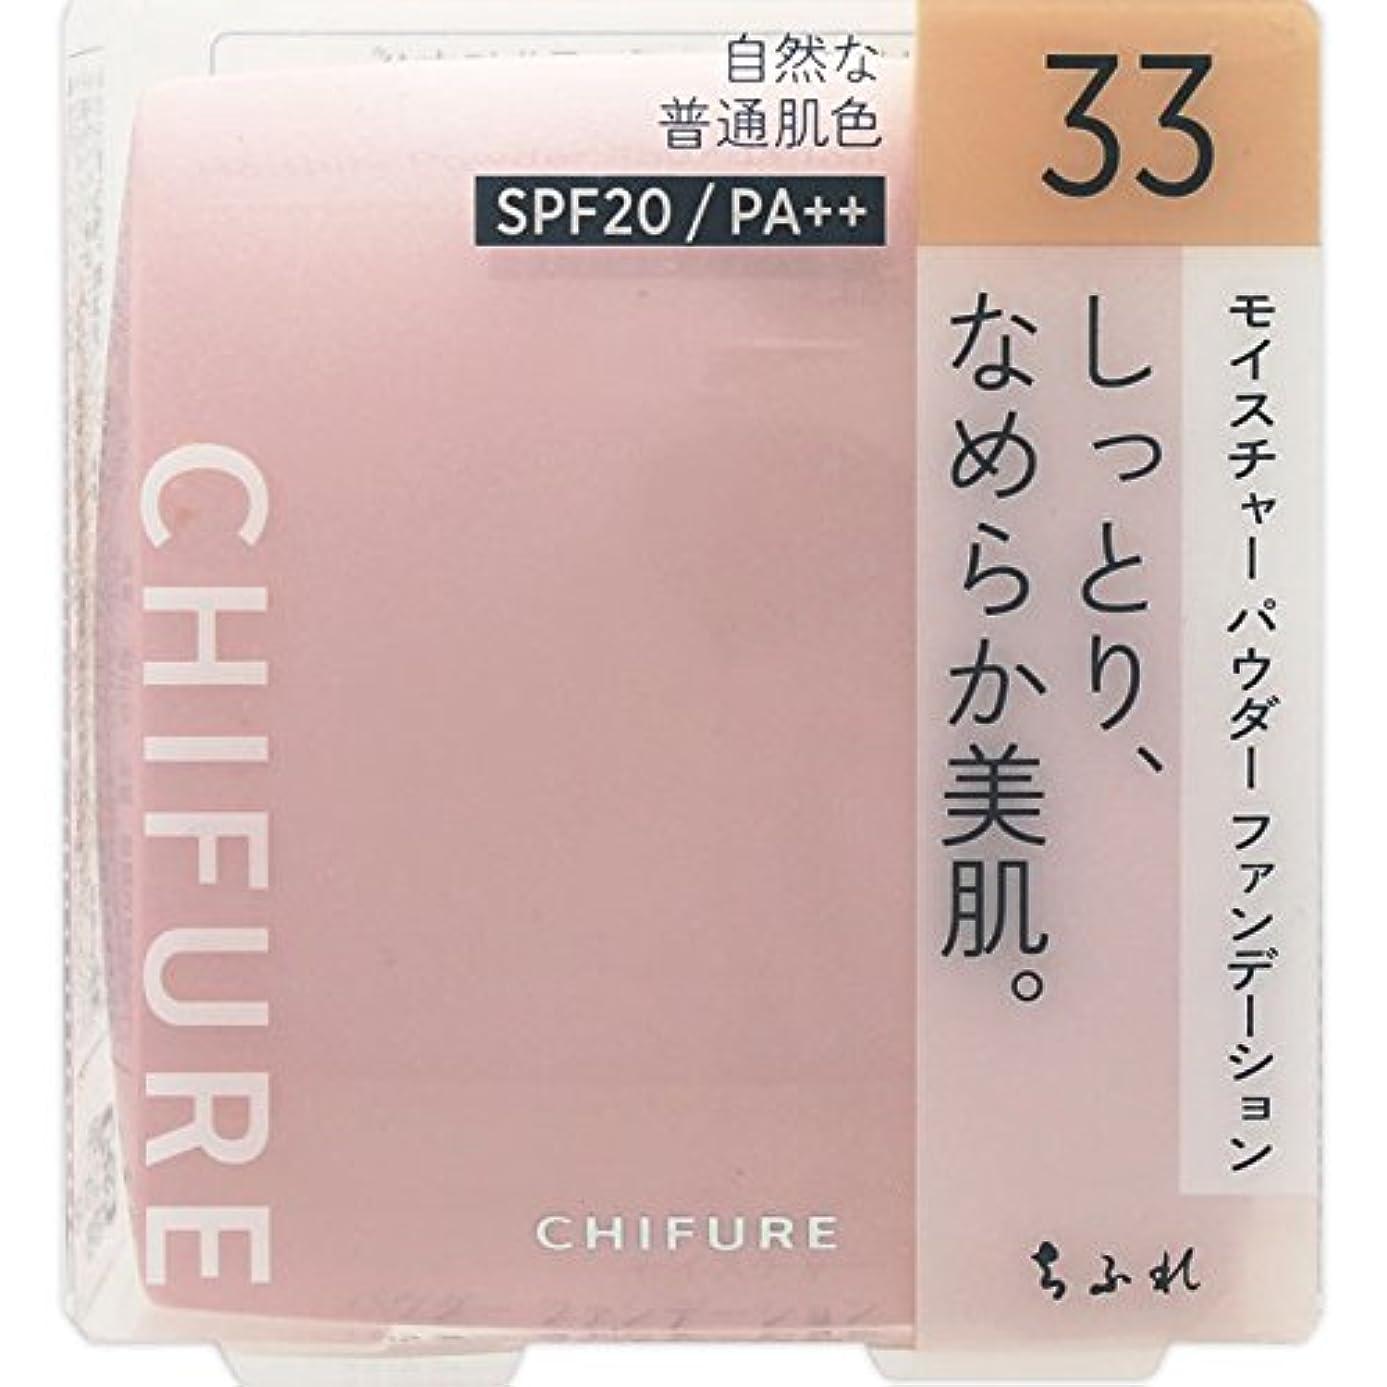 意欲ポップ老朽化したちふれ化粧品 モイスチャー パウダーファンデーション(スポンジ入り) 33 オークル系 MパウダーFD33